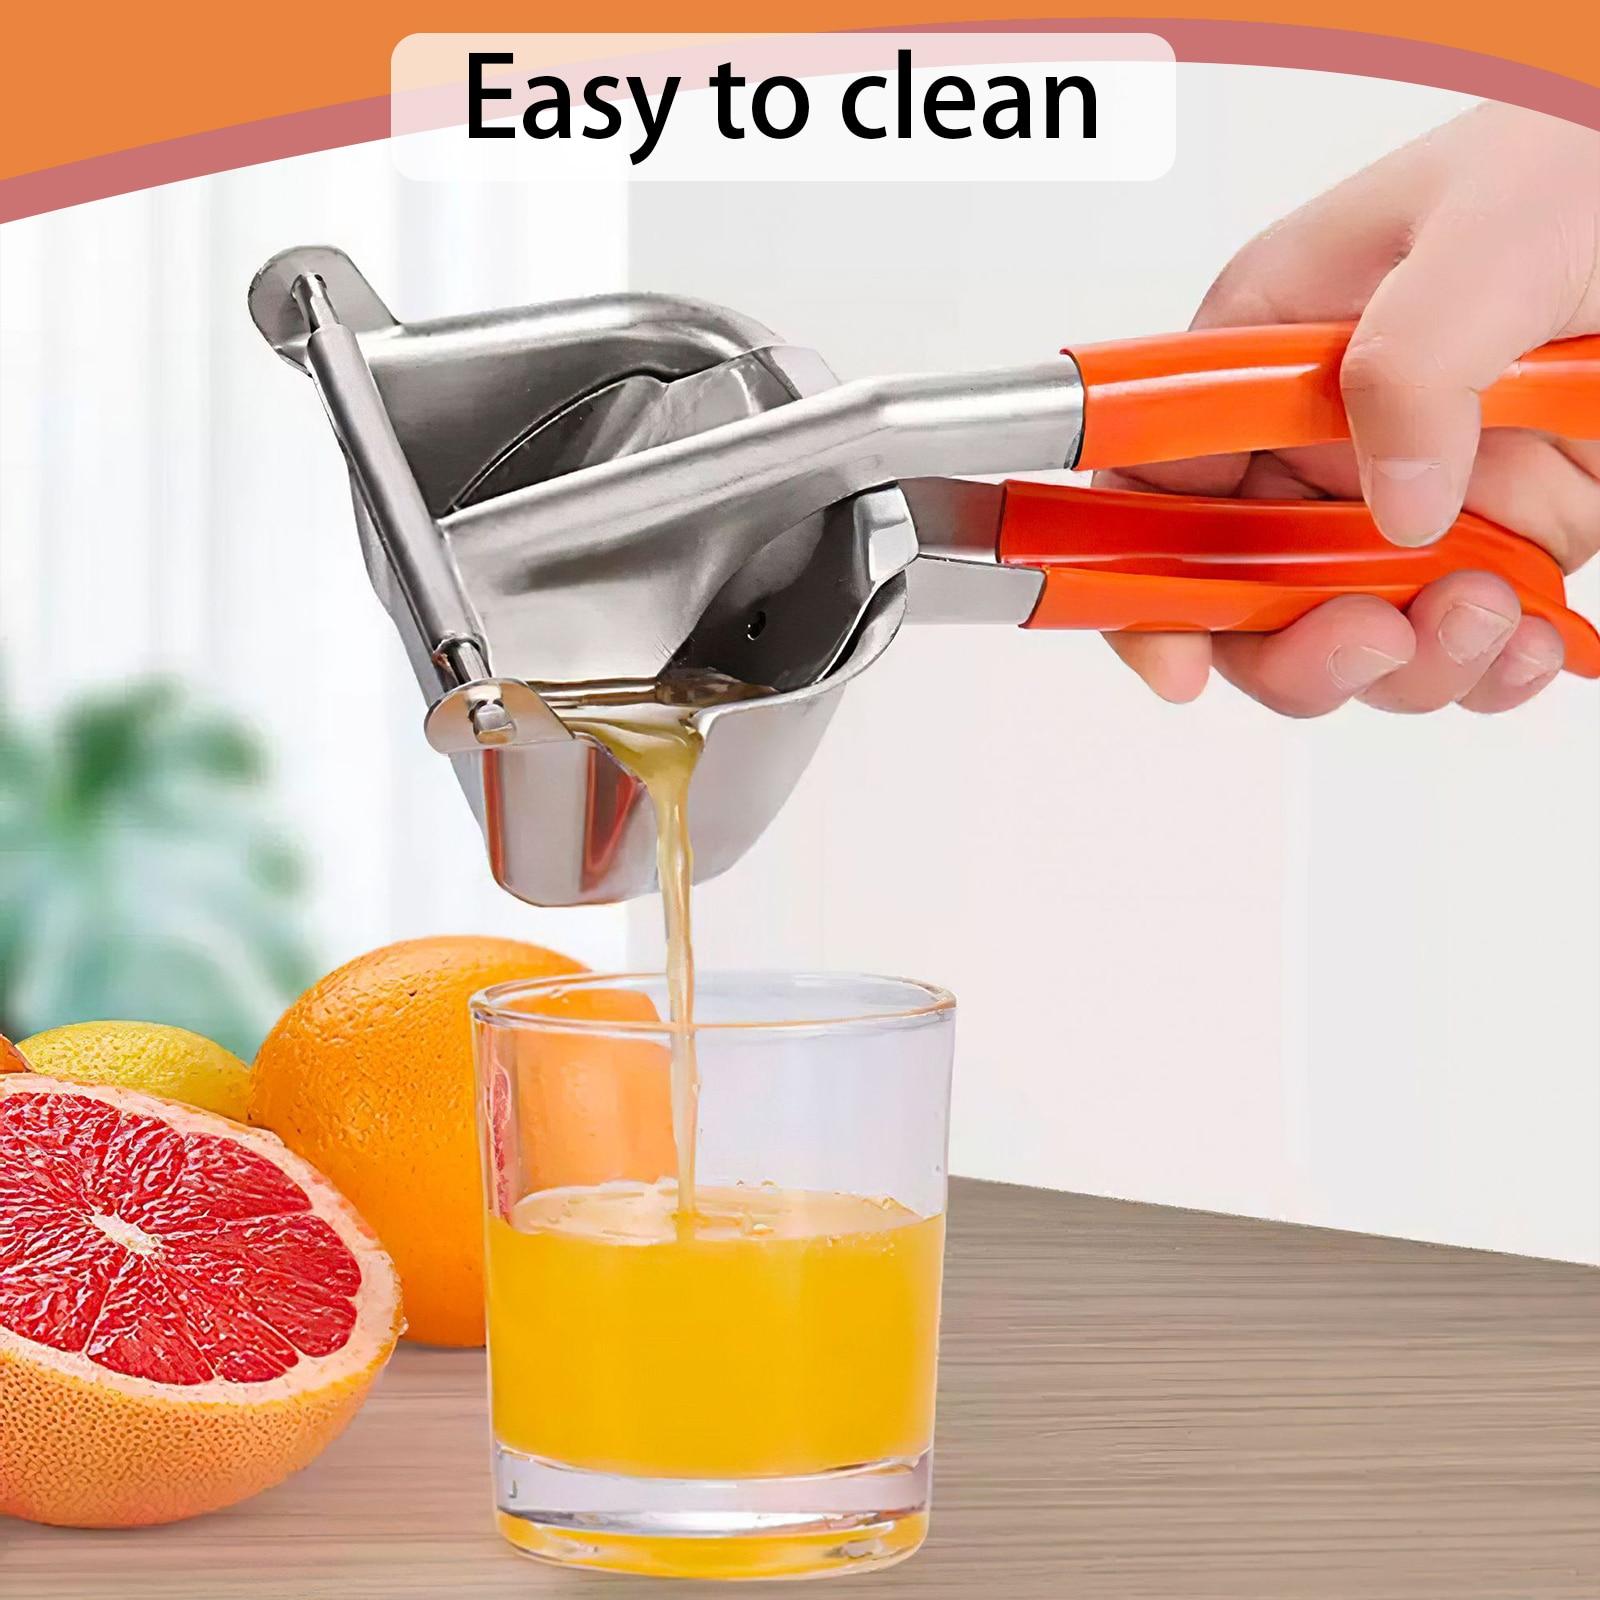 عصارة يدوية من الفولاذ المقاوم للصدأ عصارة الليمون عصارة يدوية عصير الرمان البرتقال قصب السكر أدوات المطبخ الفاكهة